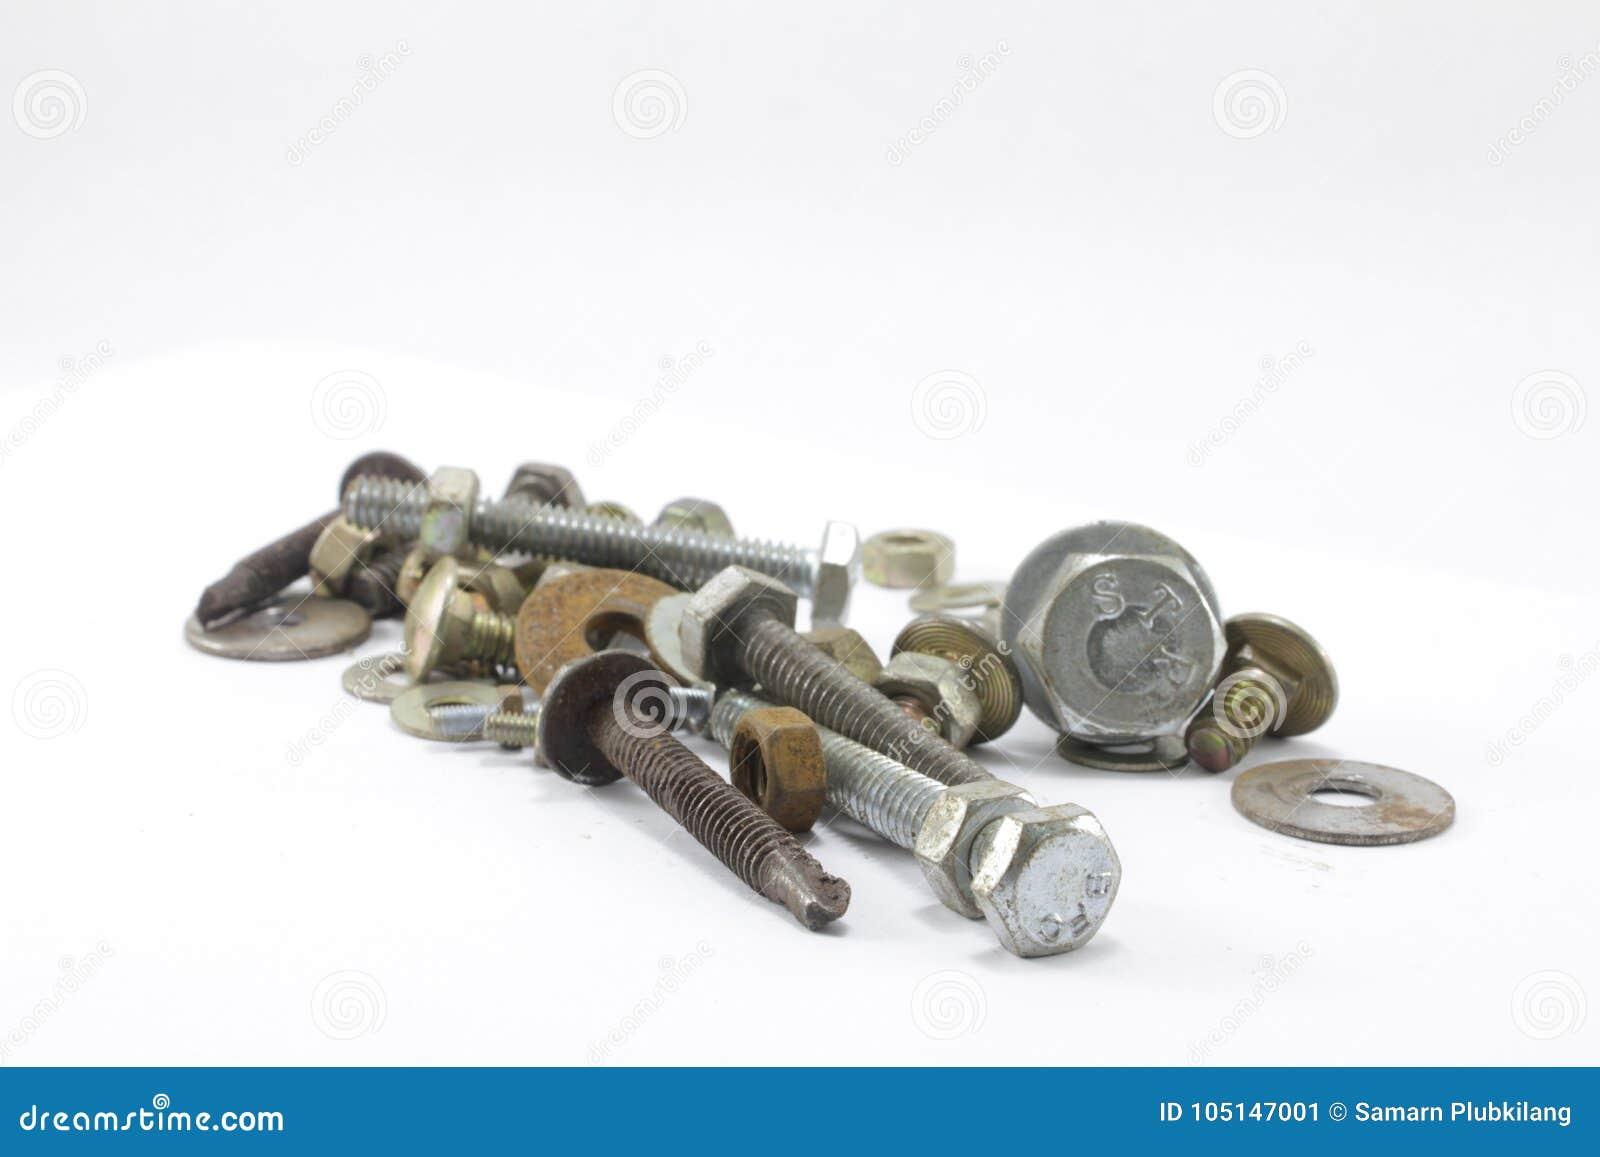 Śruby, dokrętki, rygle i gwoździe,